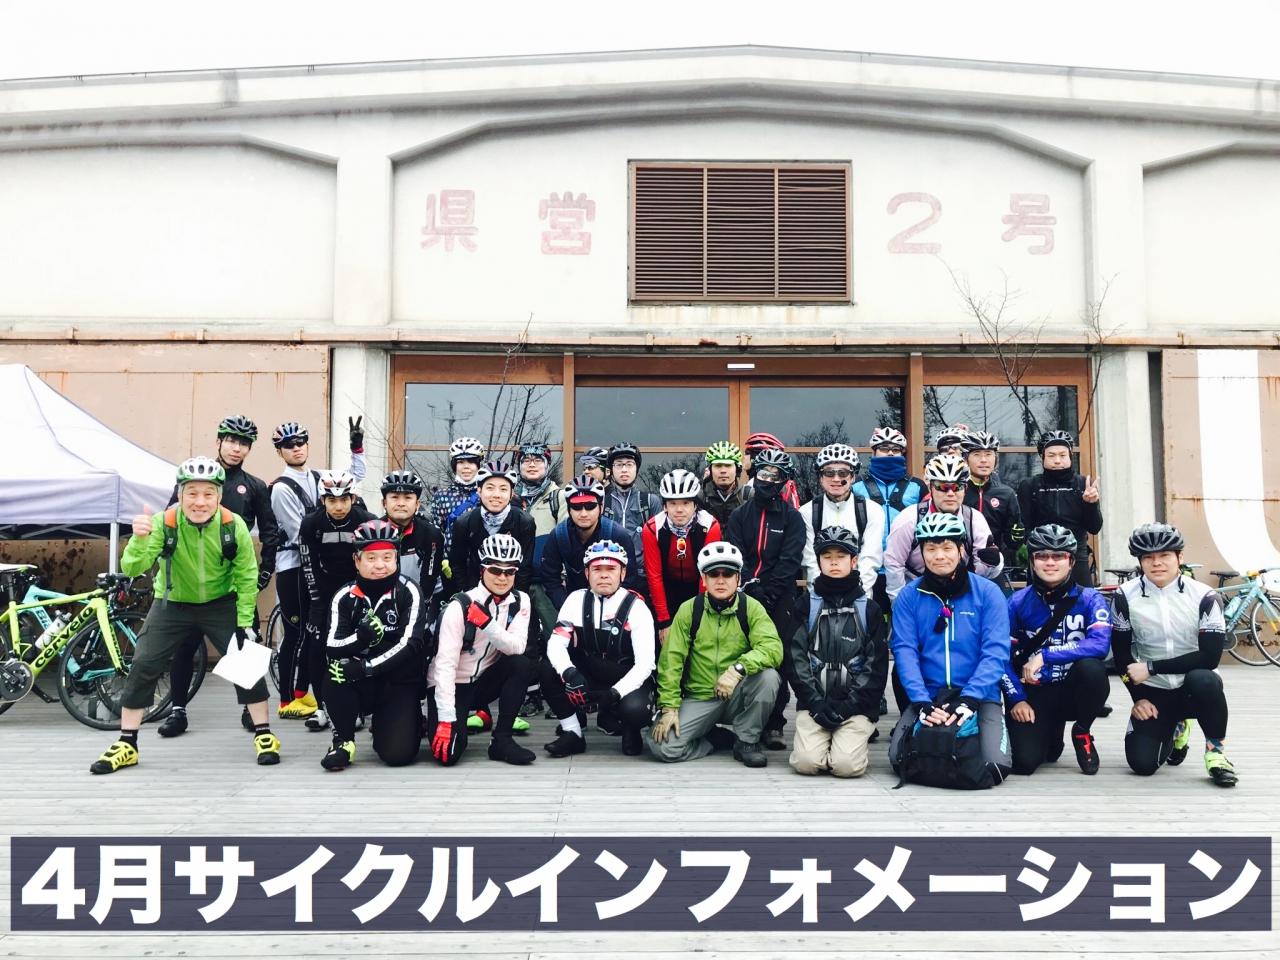 【4月サイクルインフォメーション】